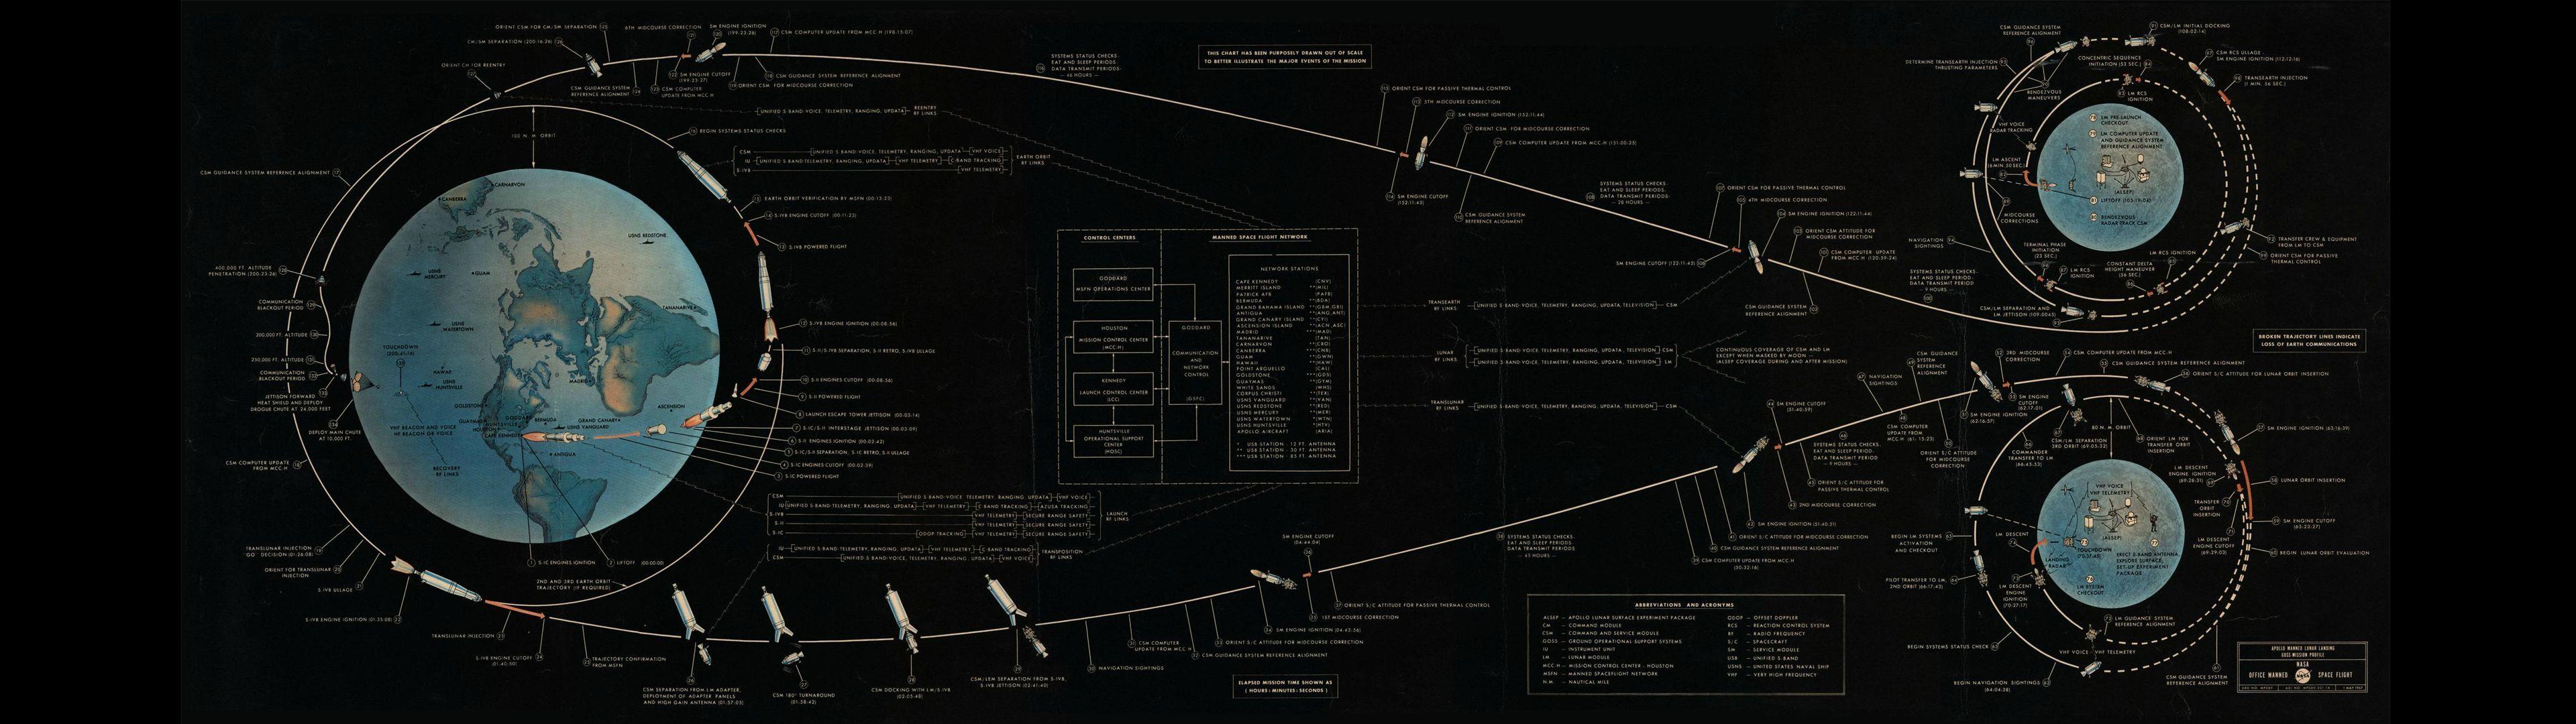 Ausgezeichnet Atemberaubende Diagramm Erklärung Bild Inspirationen ...